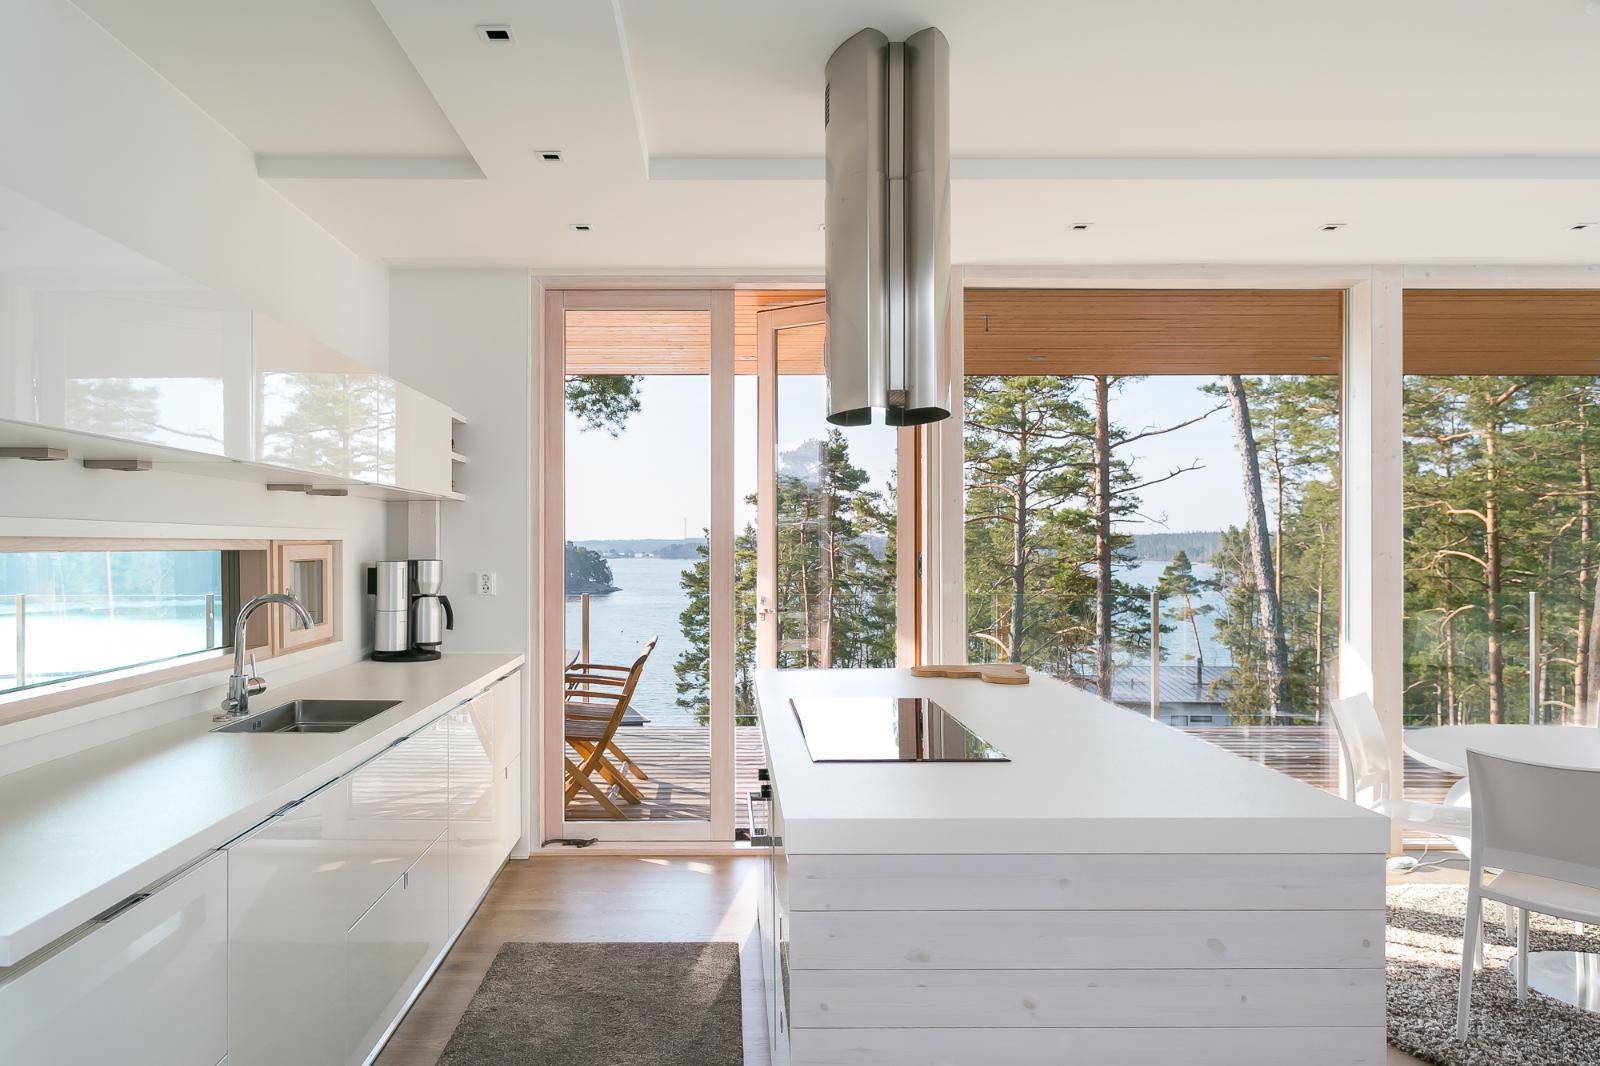 Moderni keittiö saarekkeella ja merinäköalalla  Etuovi com Ideat & vinkit